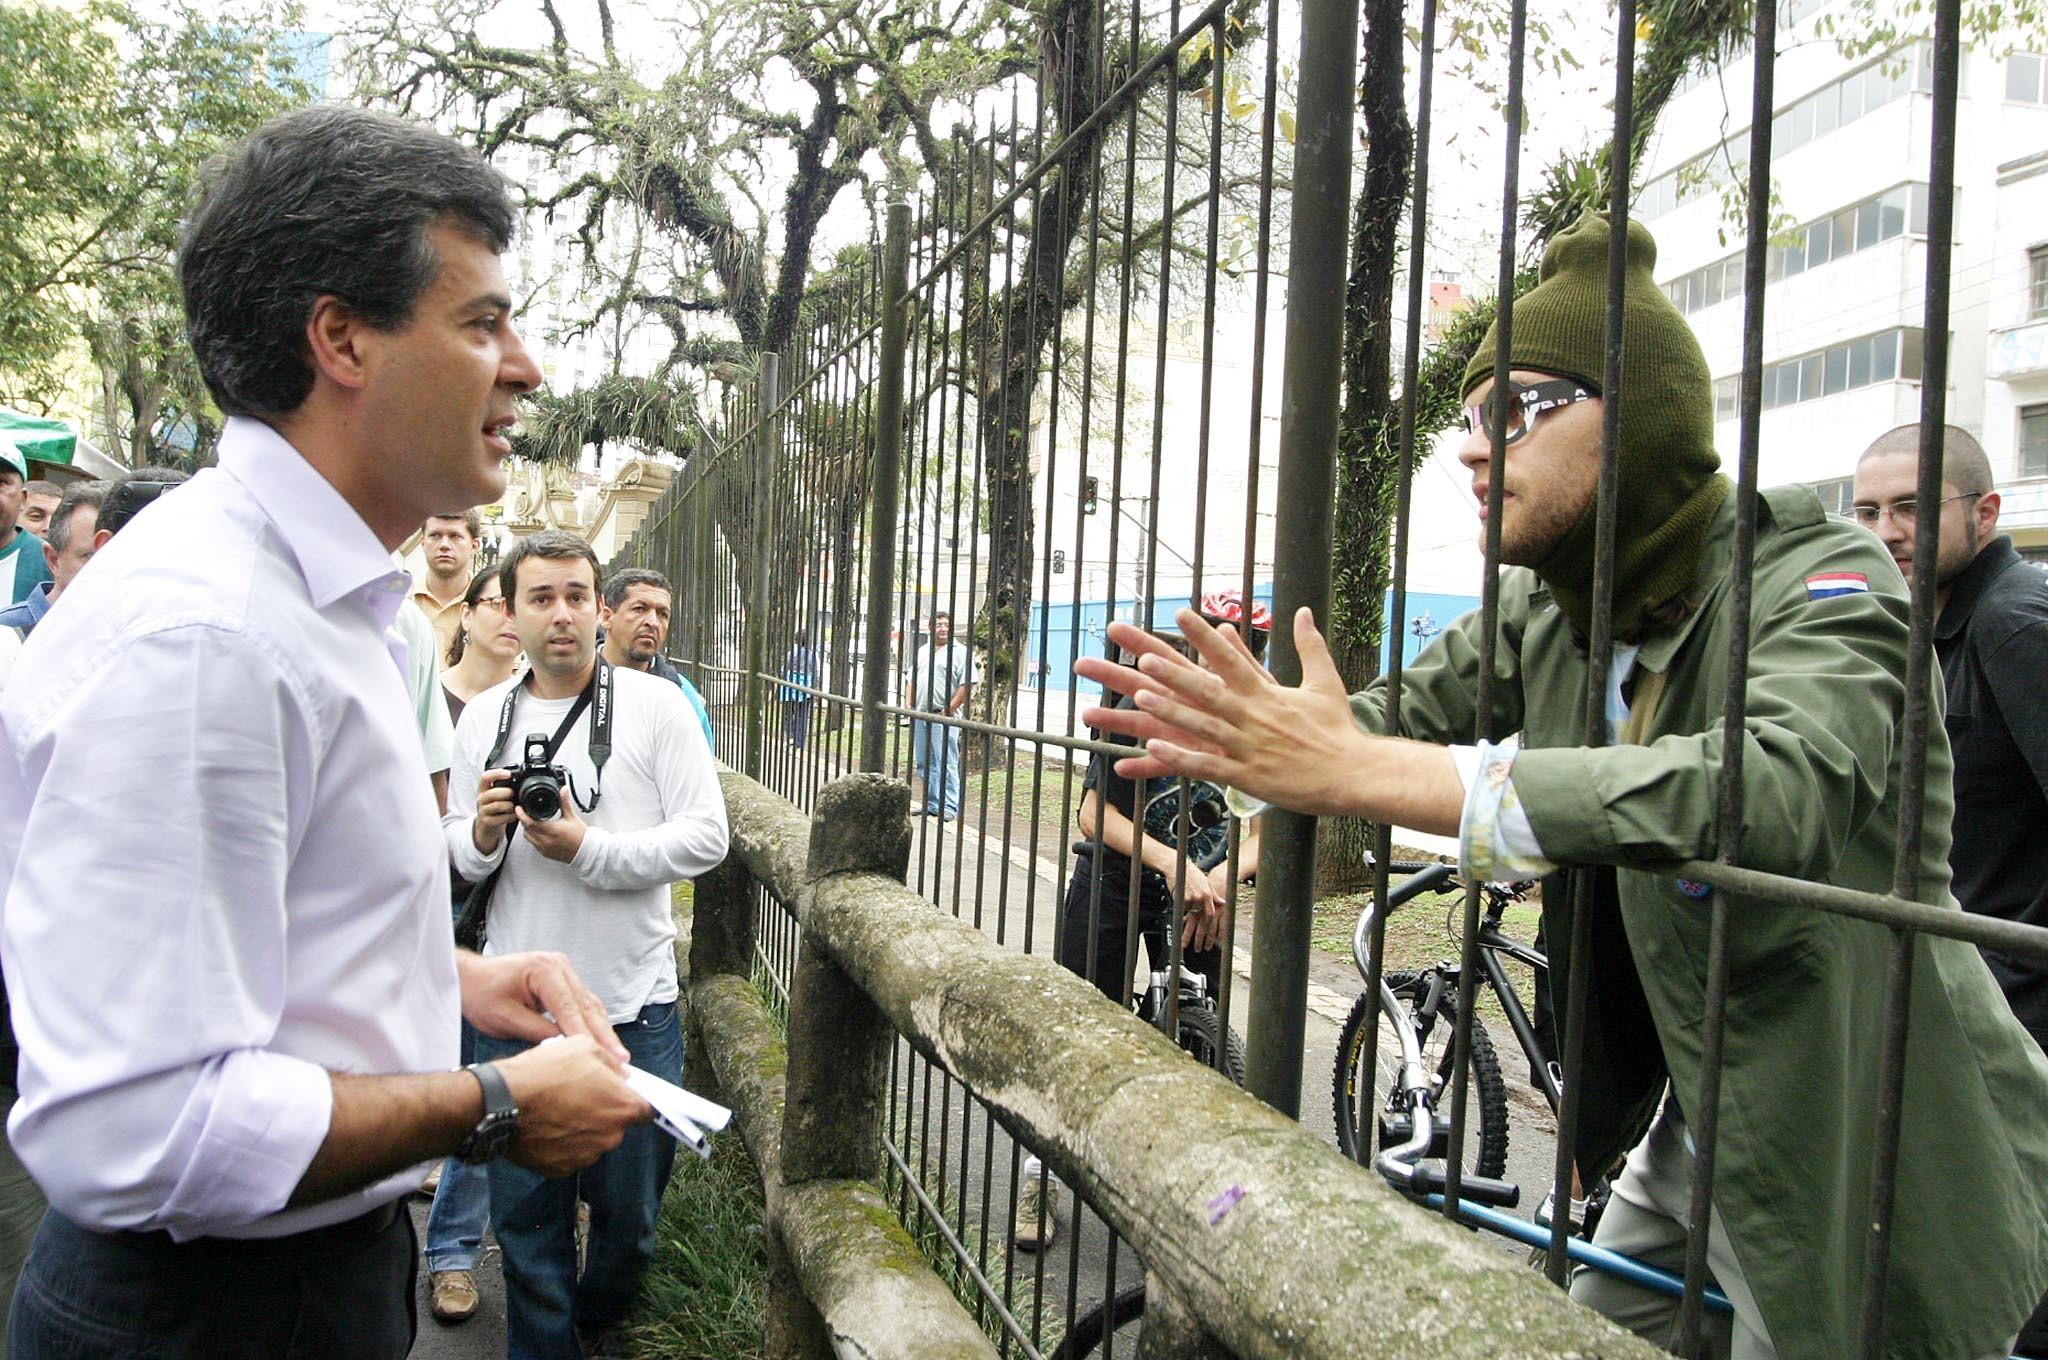 bicicletada encontra o prefeito Beto Richa no DIA SEM CARRO de 2007